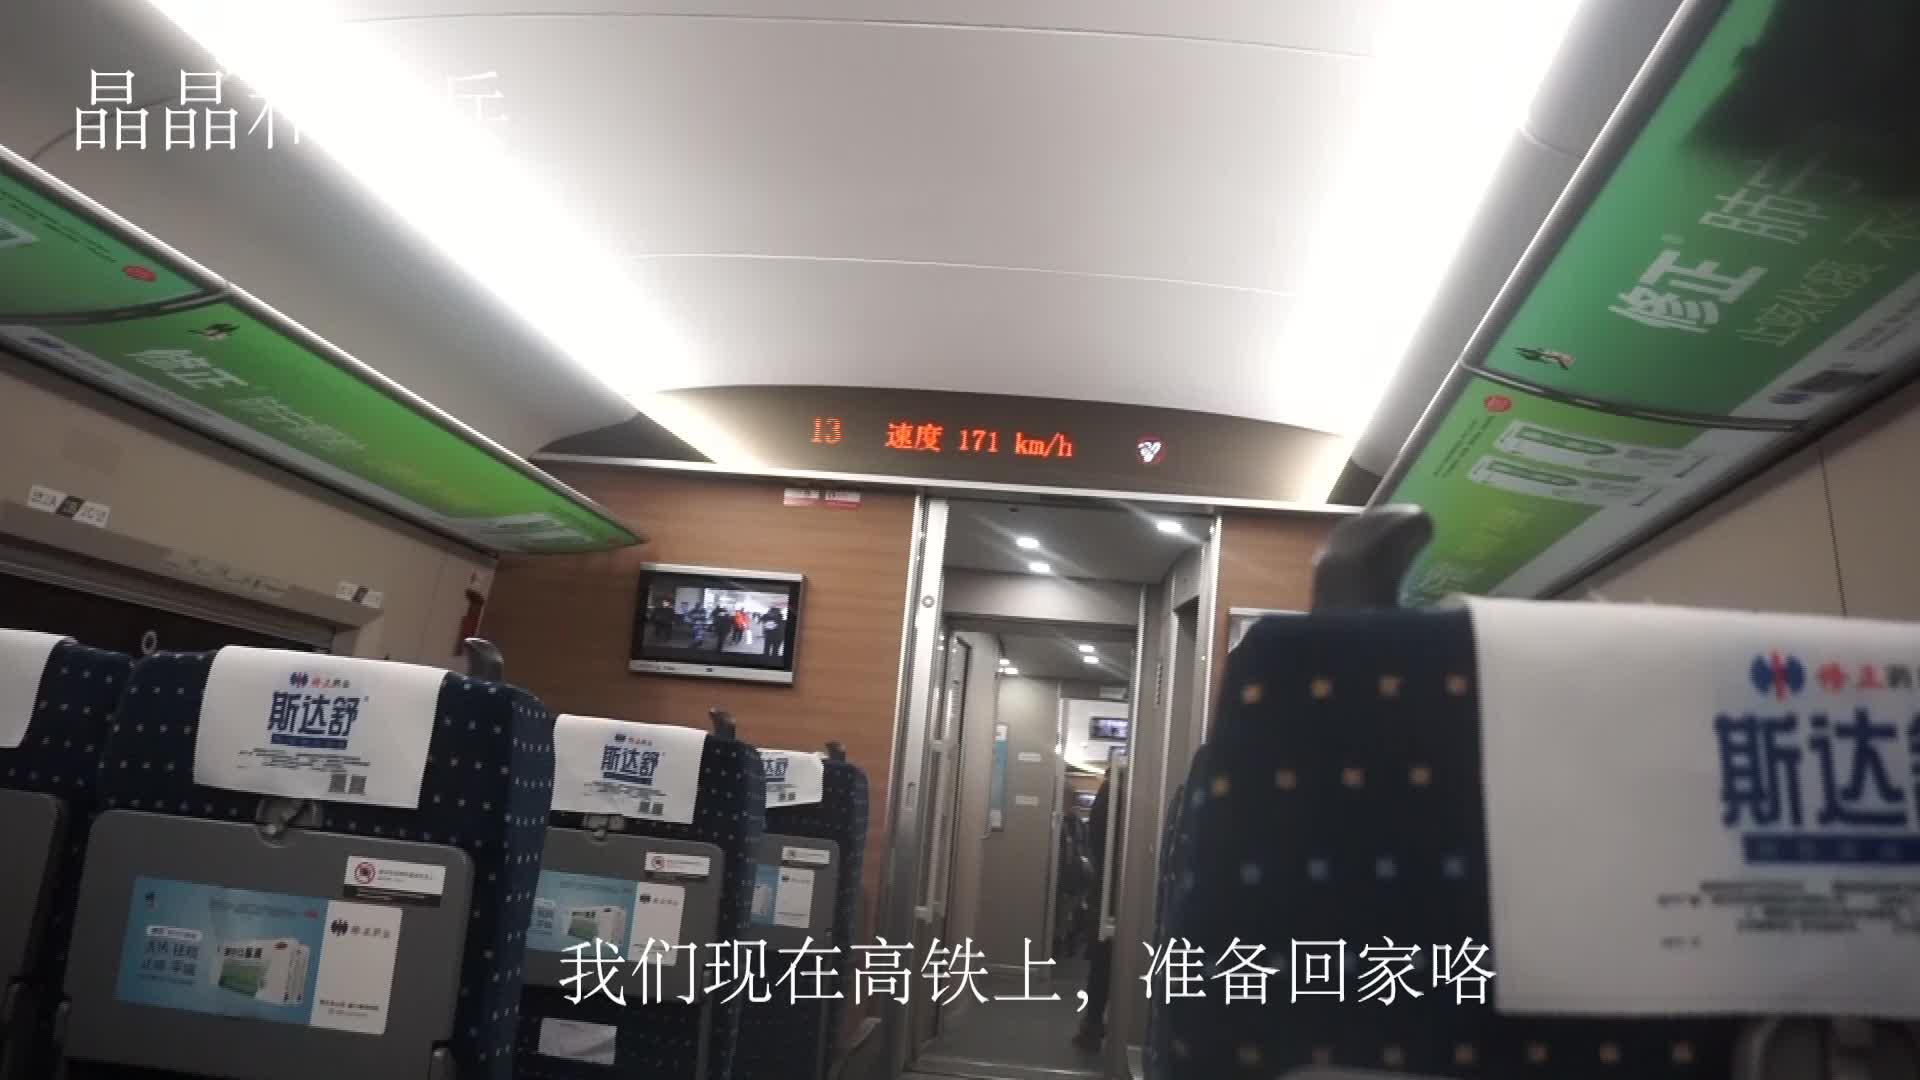 晶晶第一次坐高铁回老家,贵阳到衡阳800公里4小时到,速度太快了